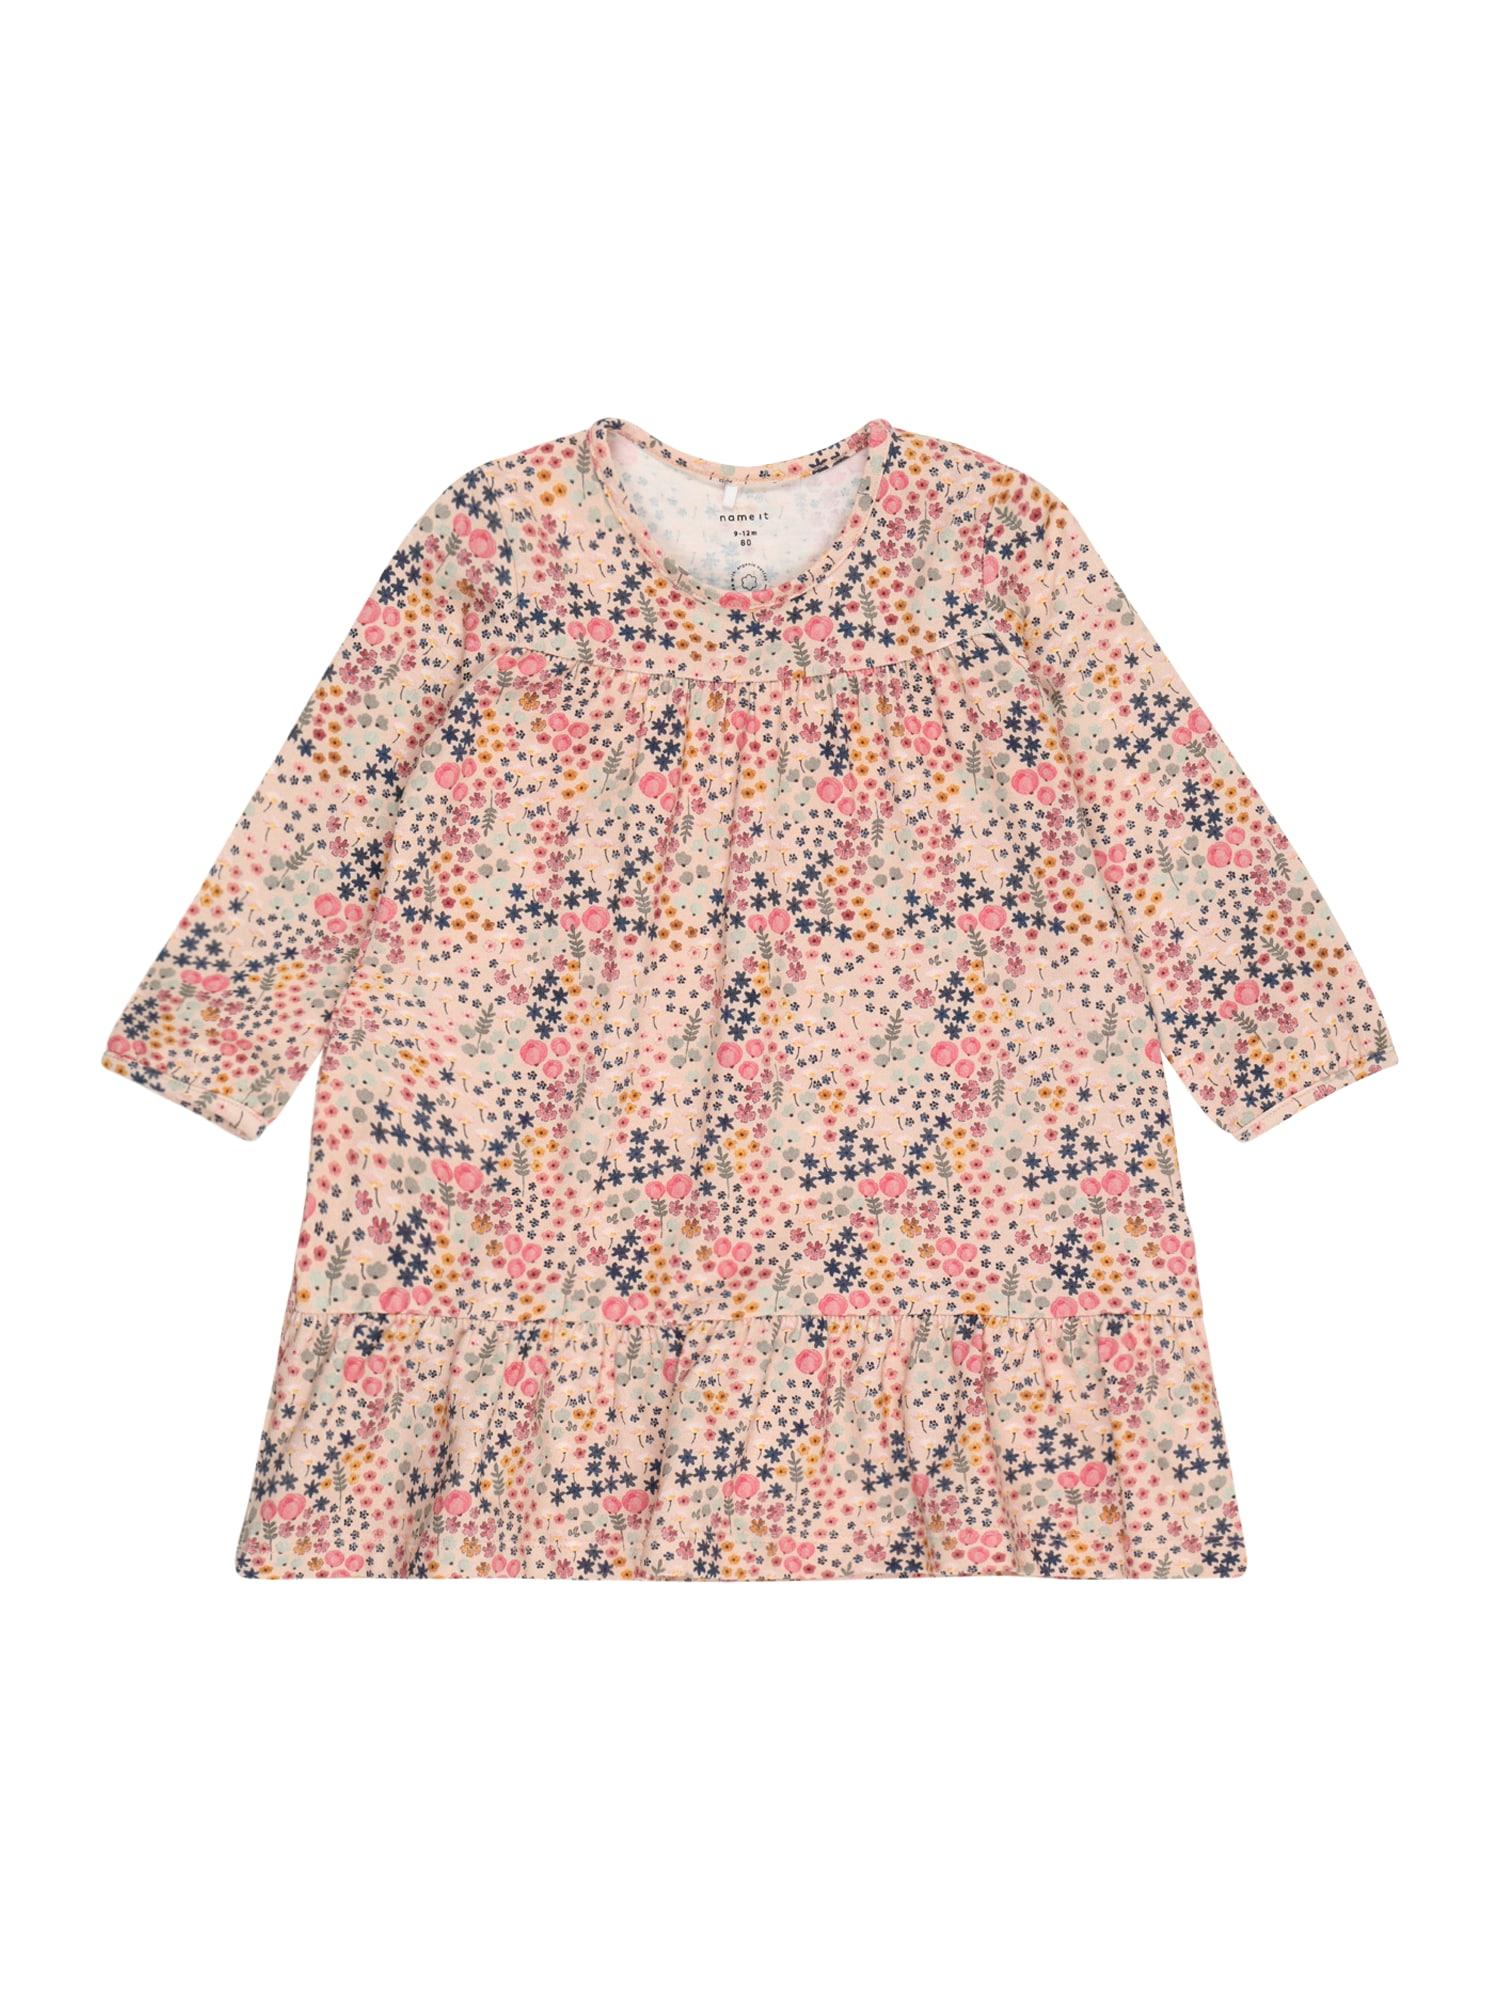 NAME IT Suknelė 'BEATA' rožių spalva / mišrios spalvos